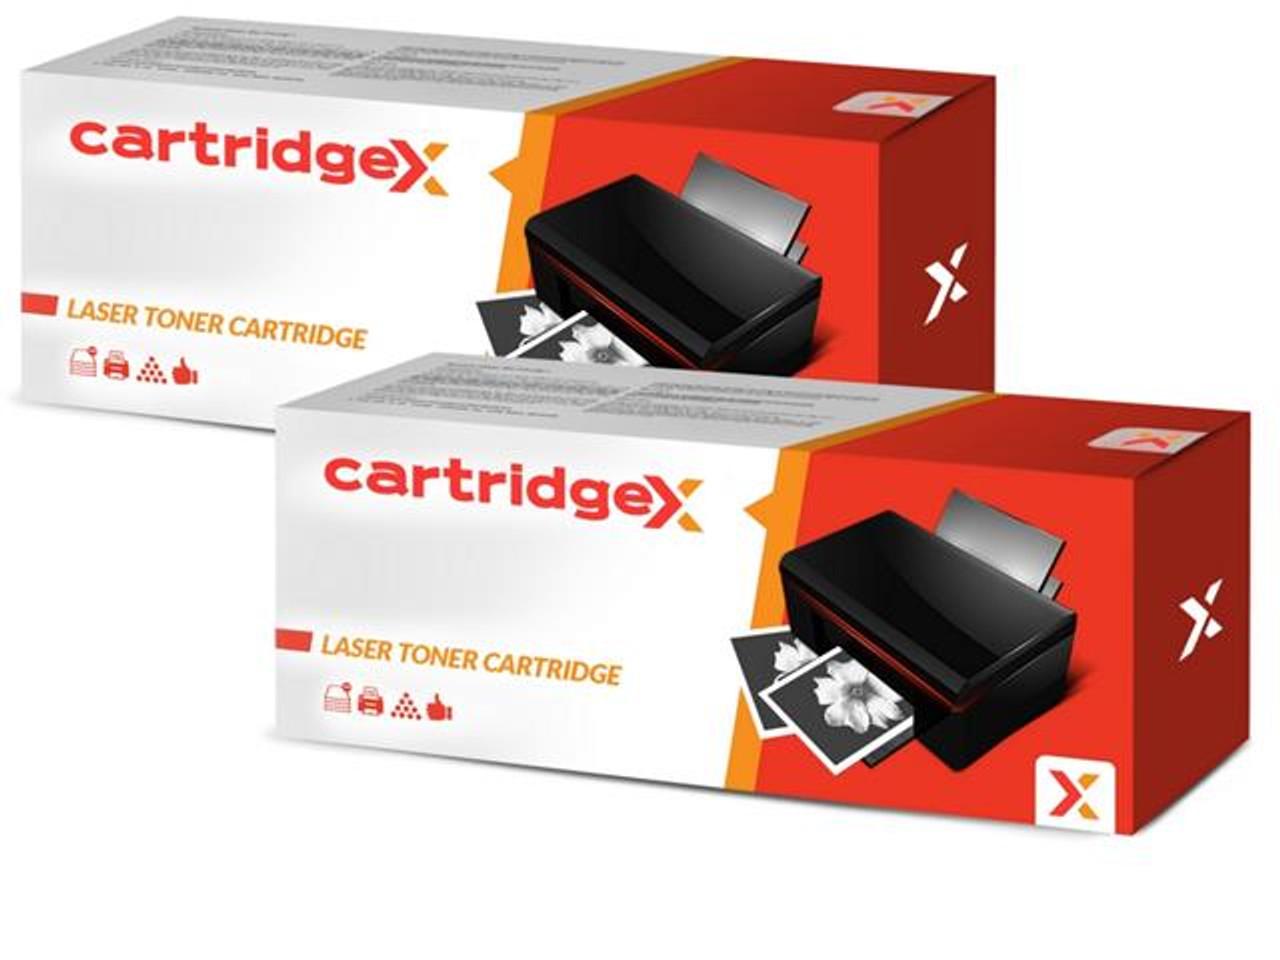 Compatible 2 X Black Toner Cartridge For Canon Lbp-653cdw Mf-732cdw Lbp-654cx 046hbk